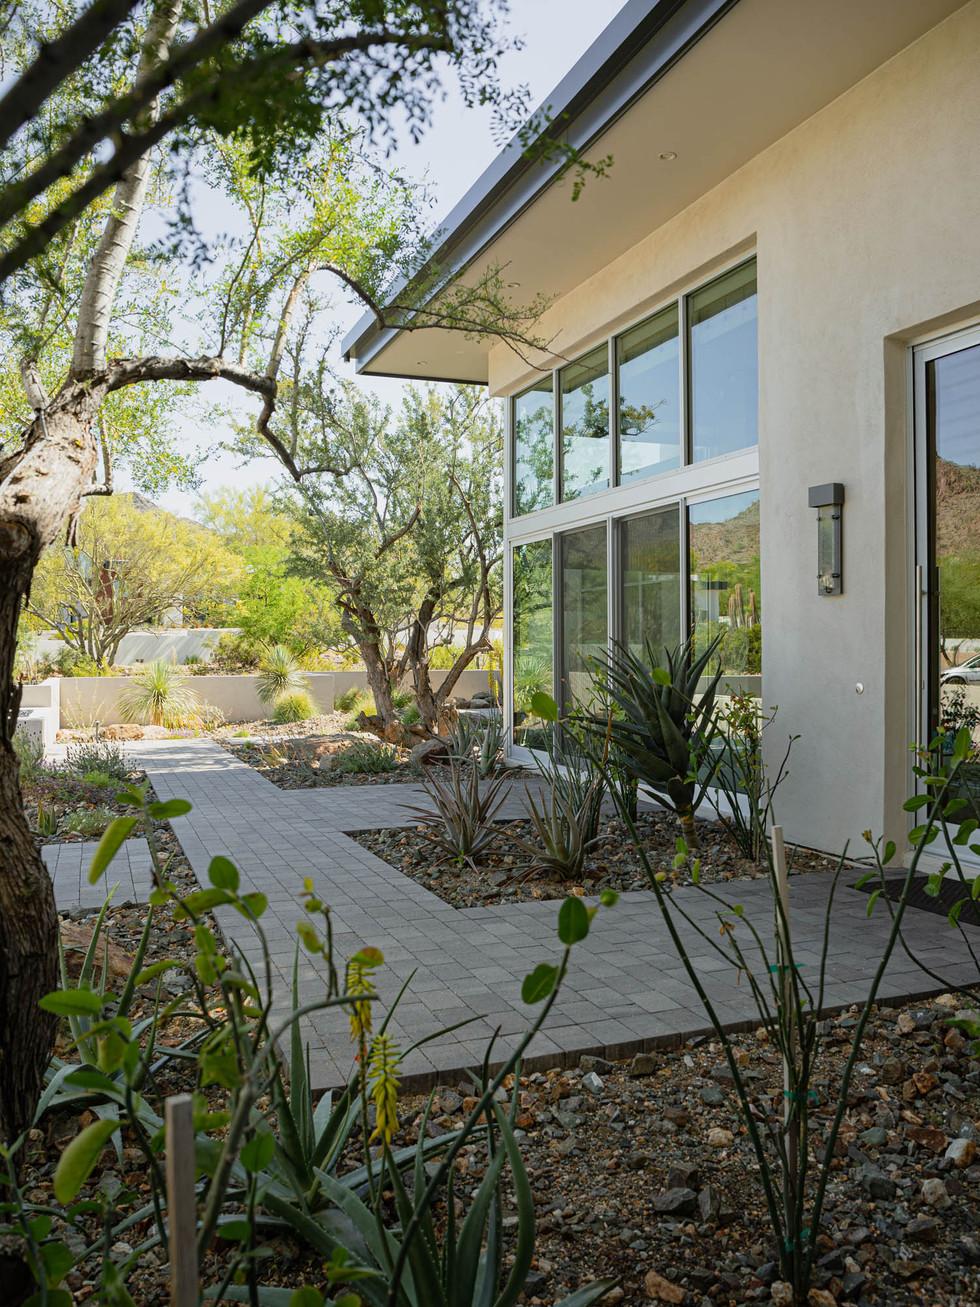 The Green Room Landscape Design-4507-web